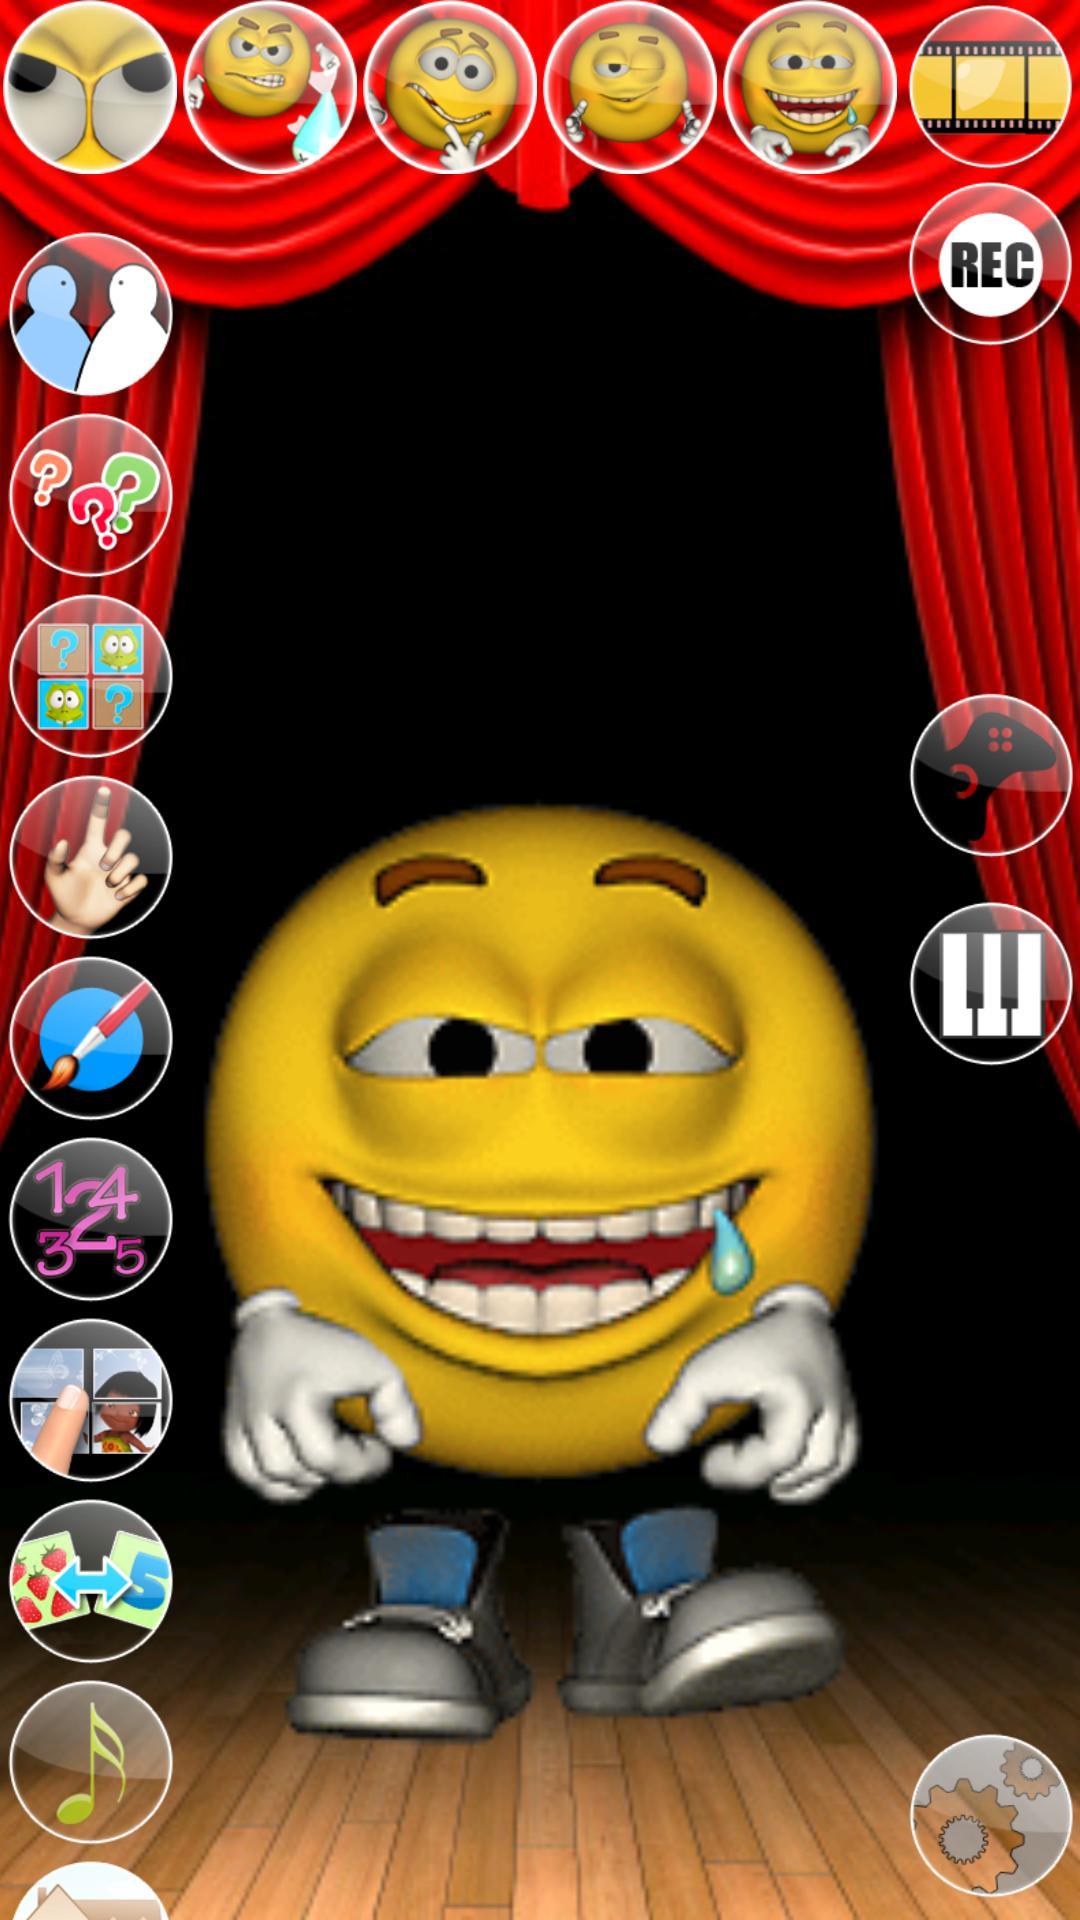 Talking Smiling Simon screenshot 1